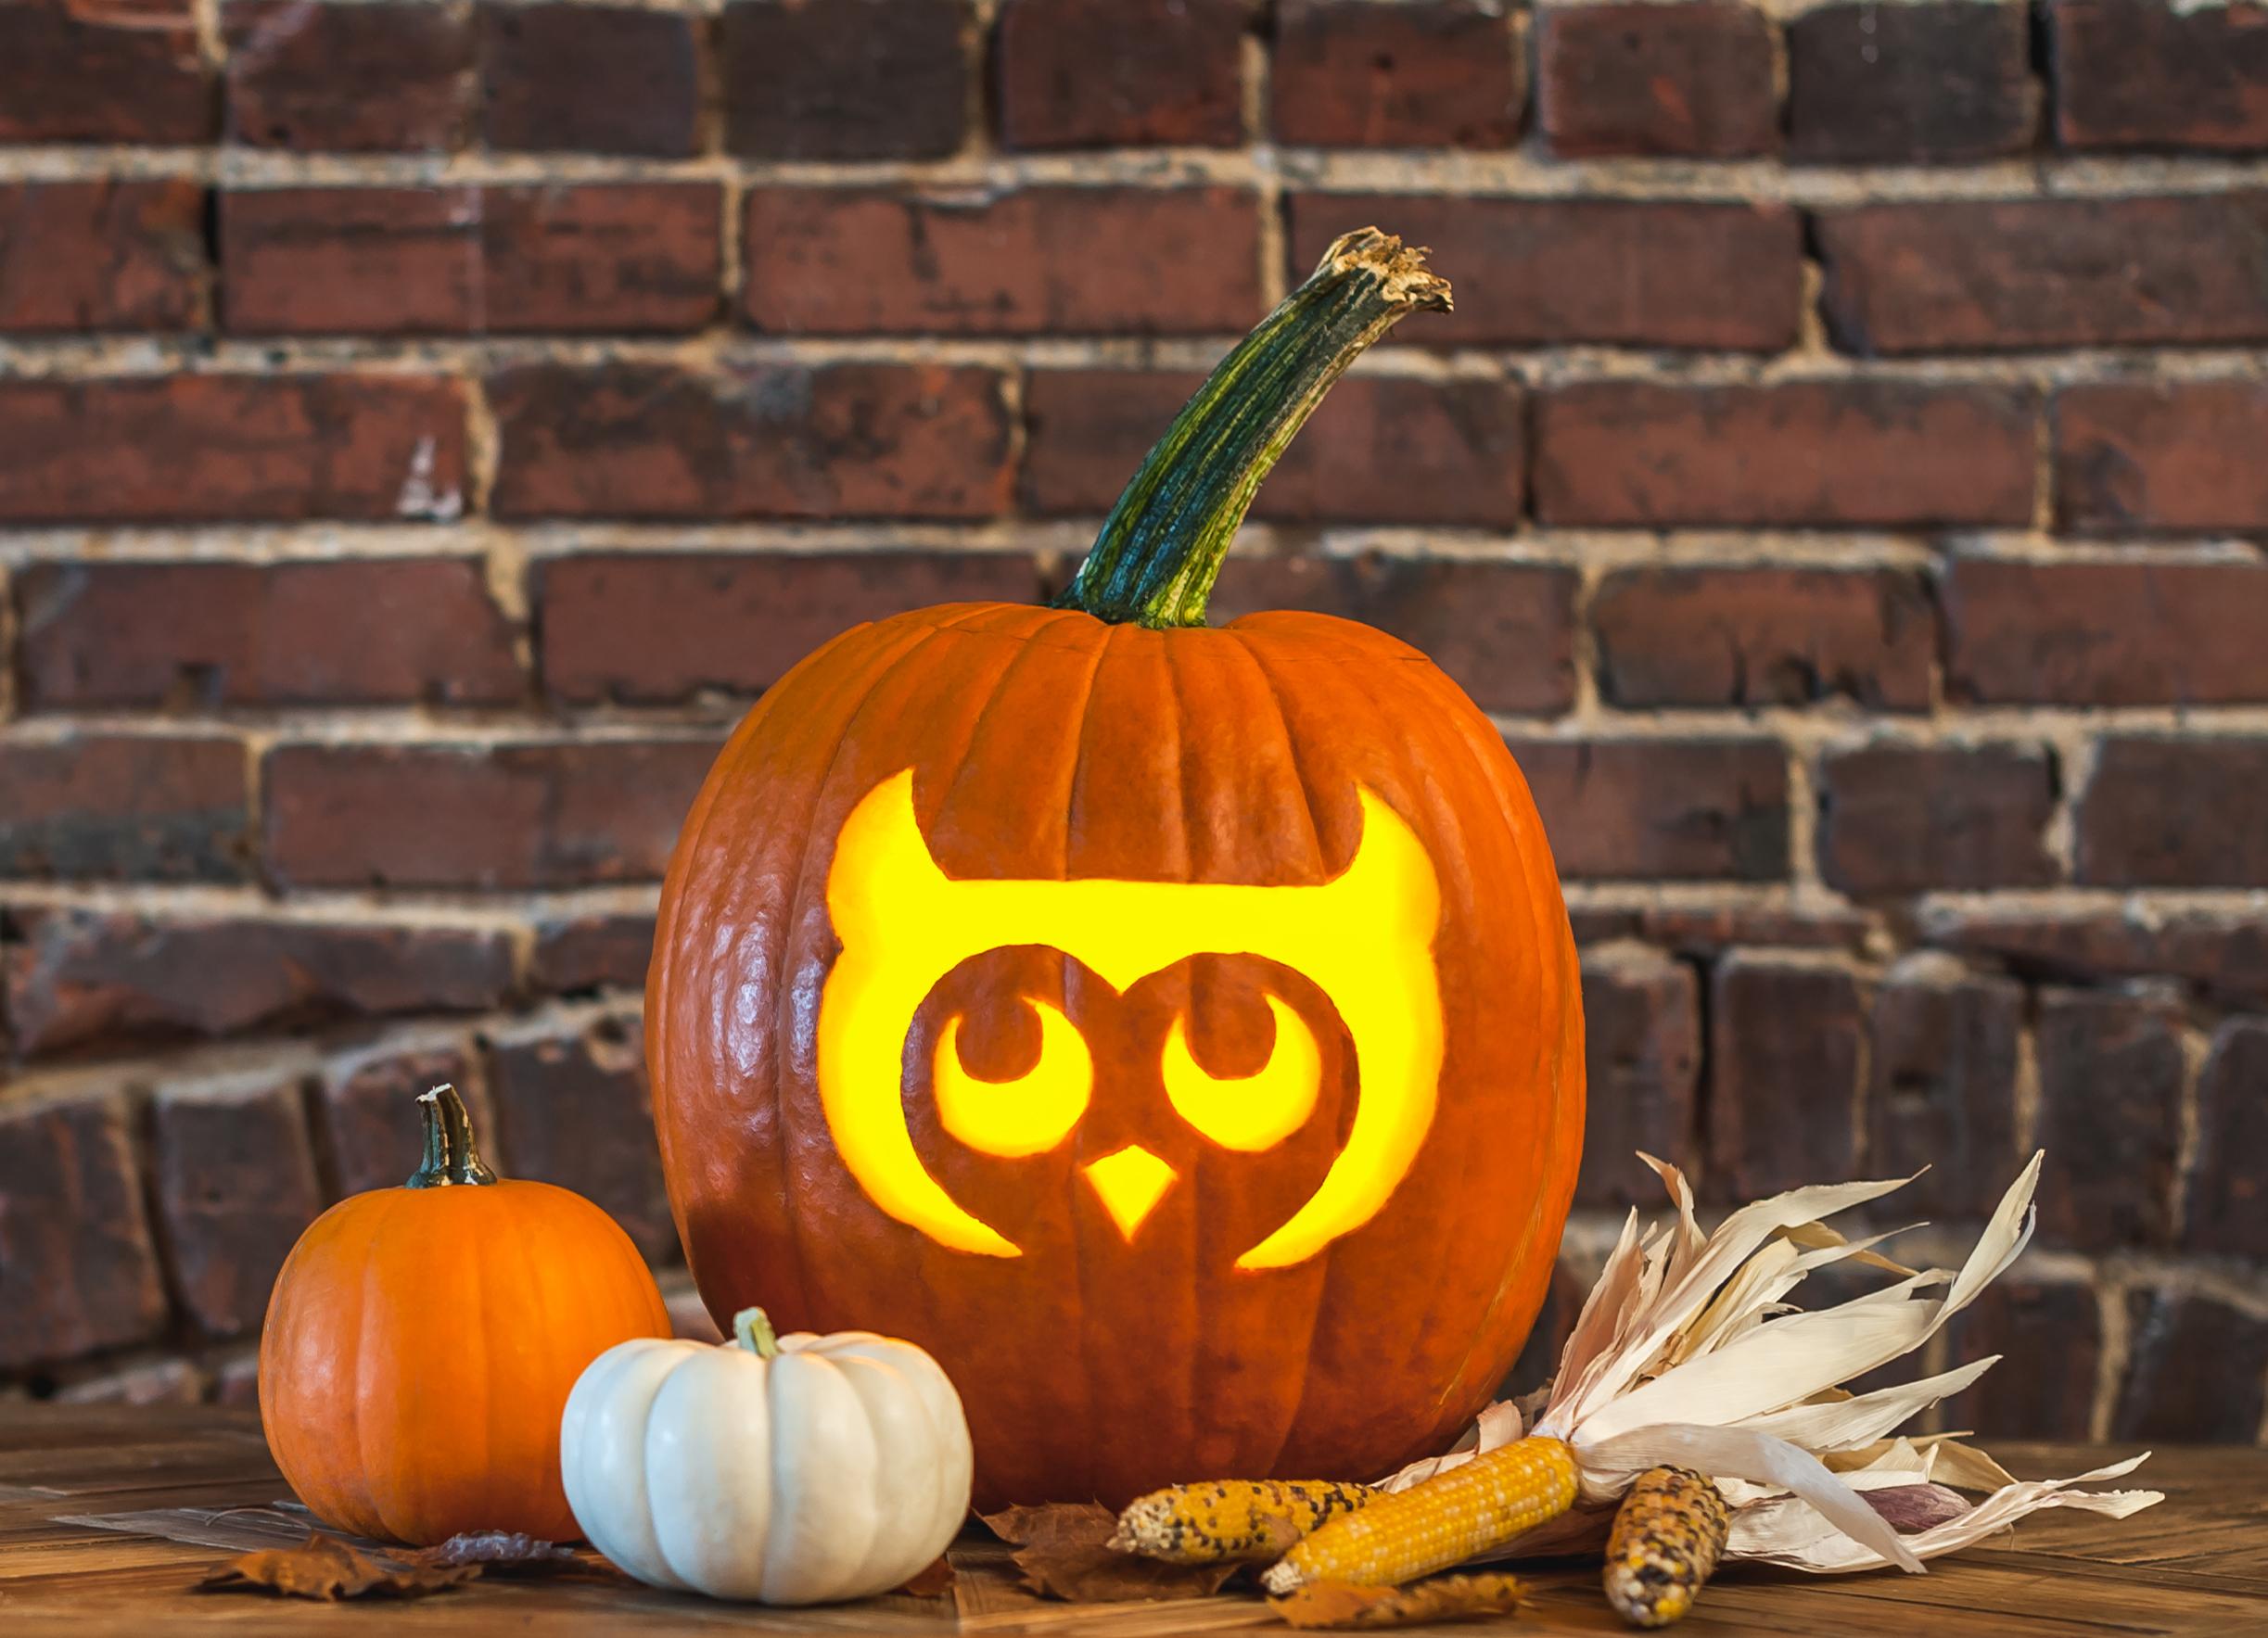 Owl_Pumpkin.jpg